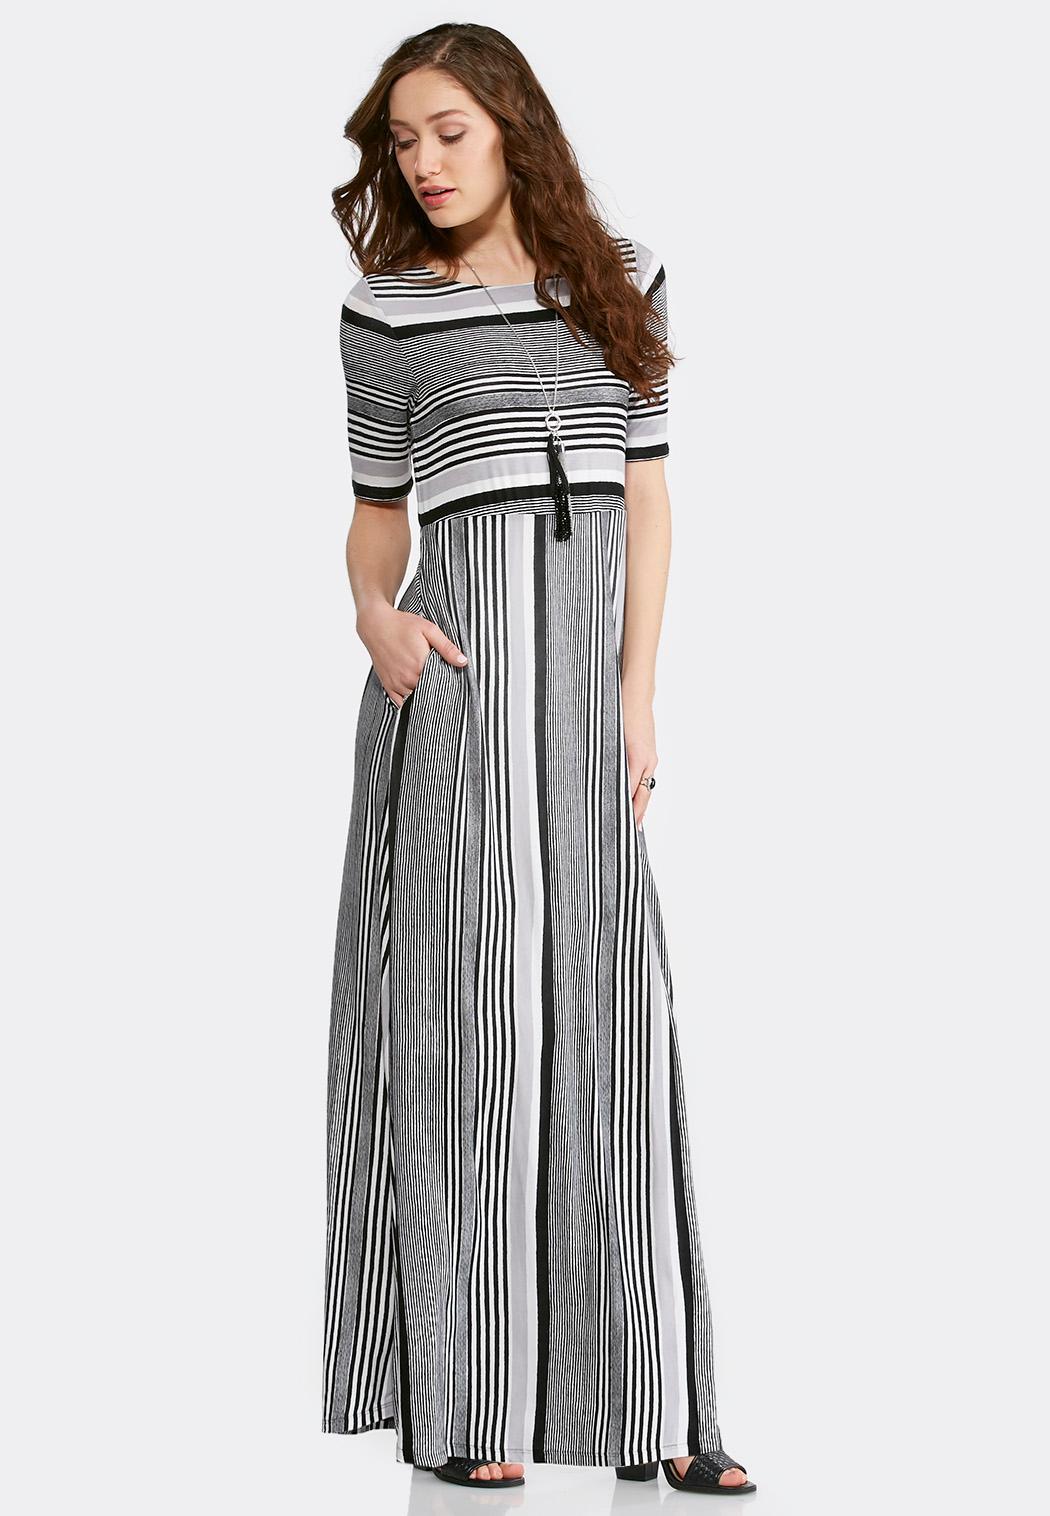 Plus Size Black And White Stripe Maxi Dress Maxi Cato Fashions